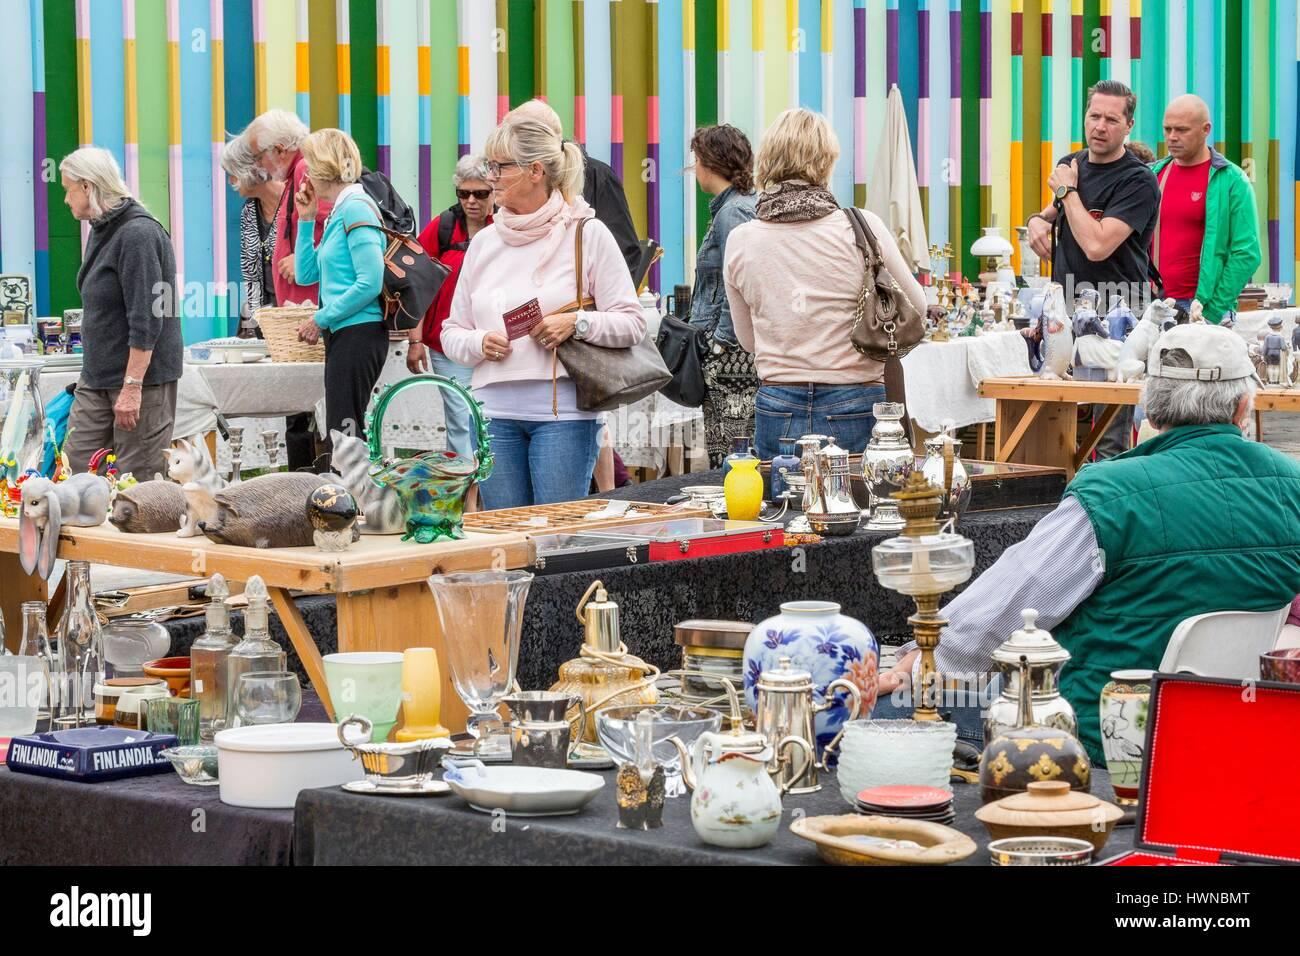 Denmark, Zealand, Copenhagen, Kongens Nytorv, flea market, stand against street art - Stock Image